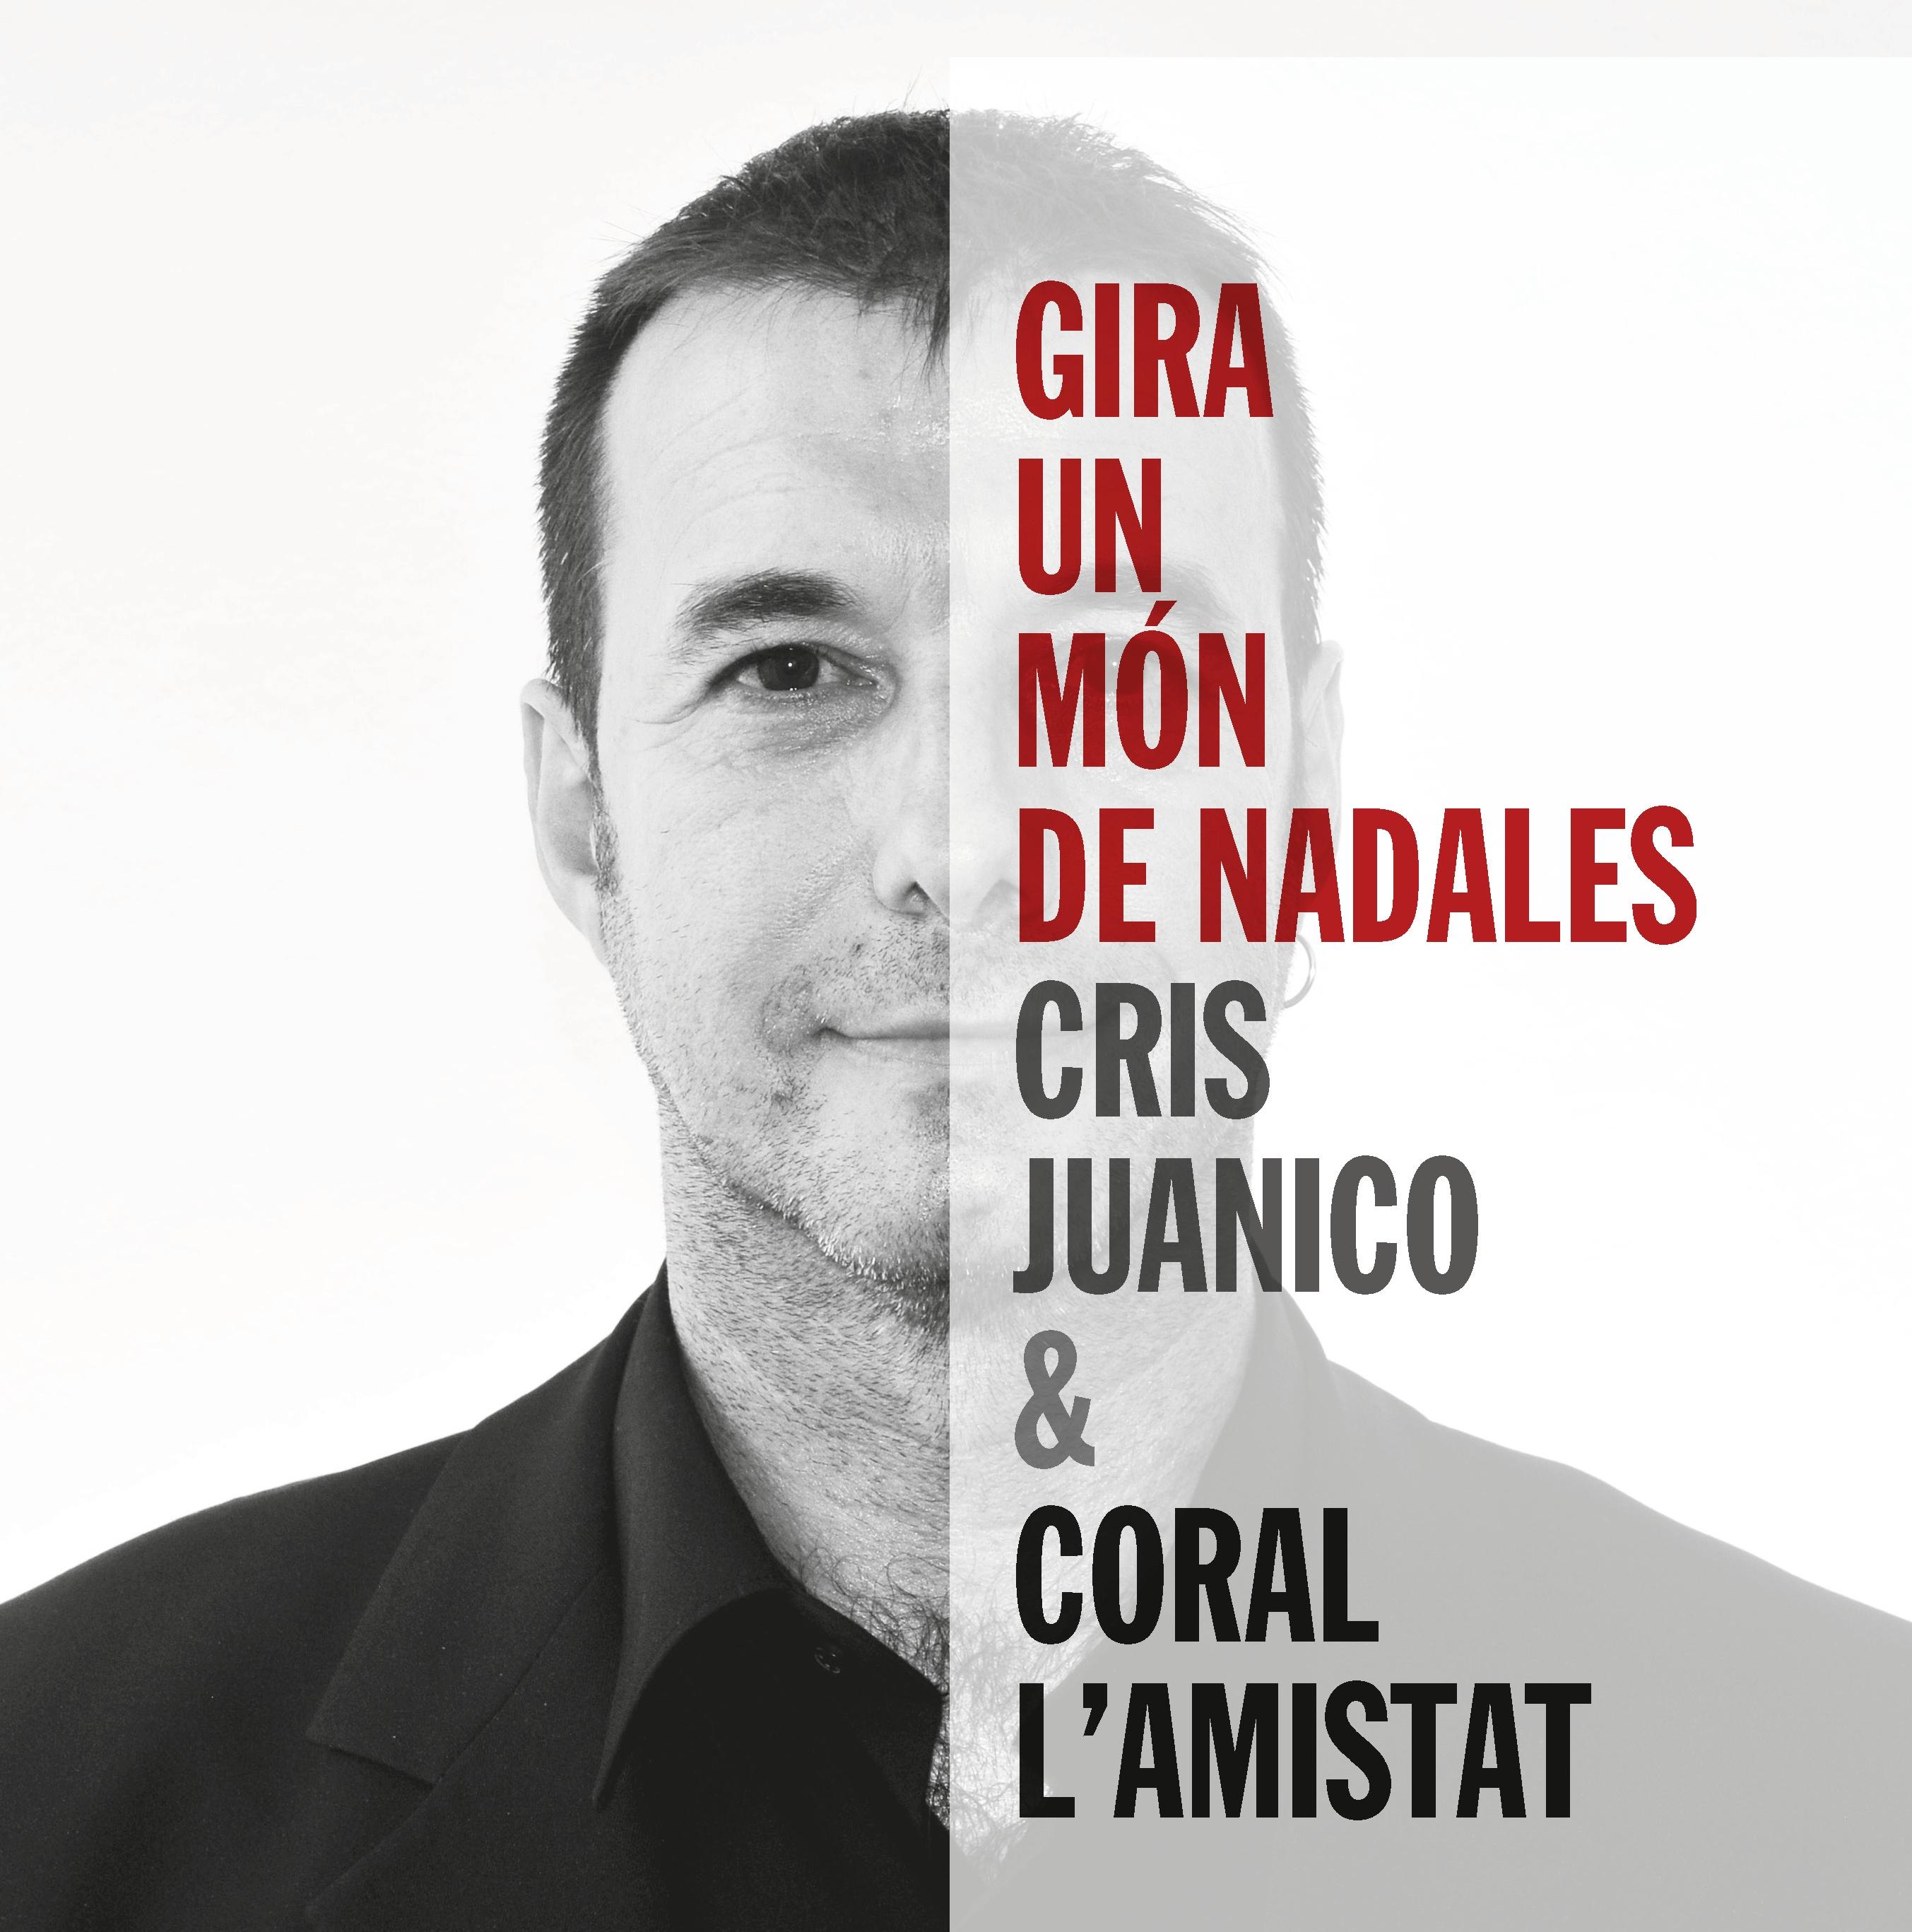 Cris Juanico i la Coral l'Amistat fan un regal nadalenc